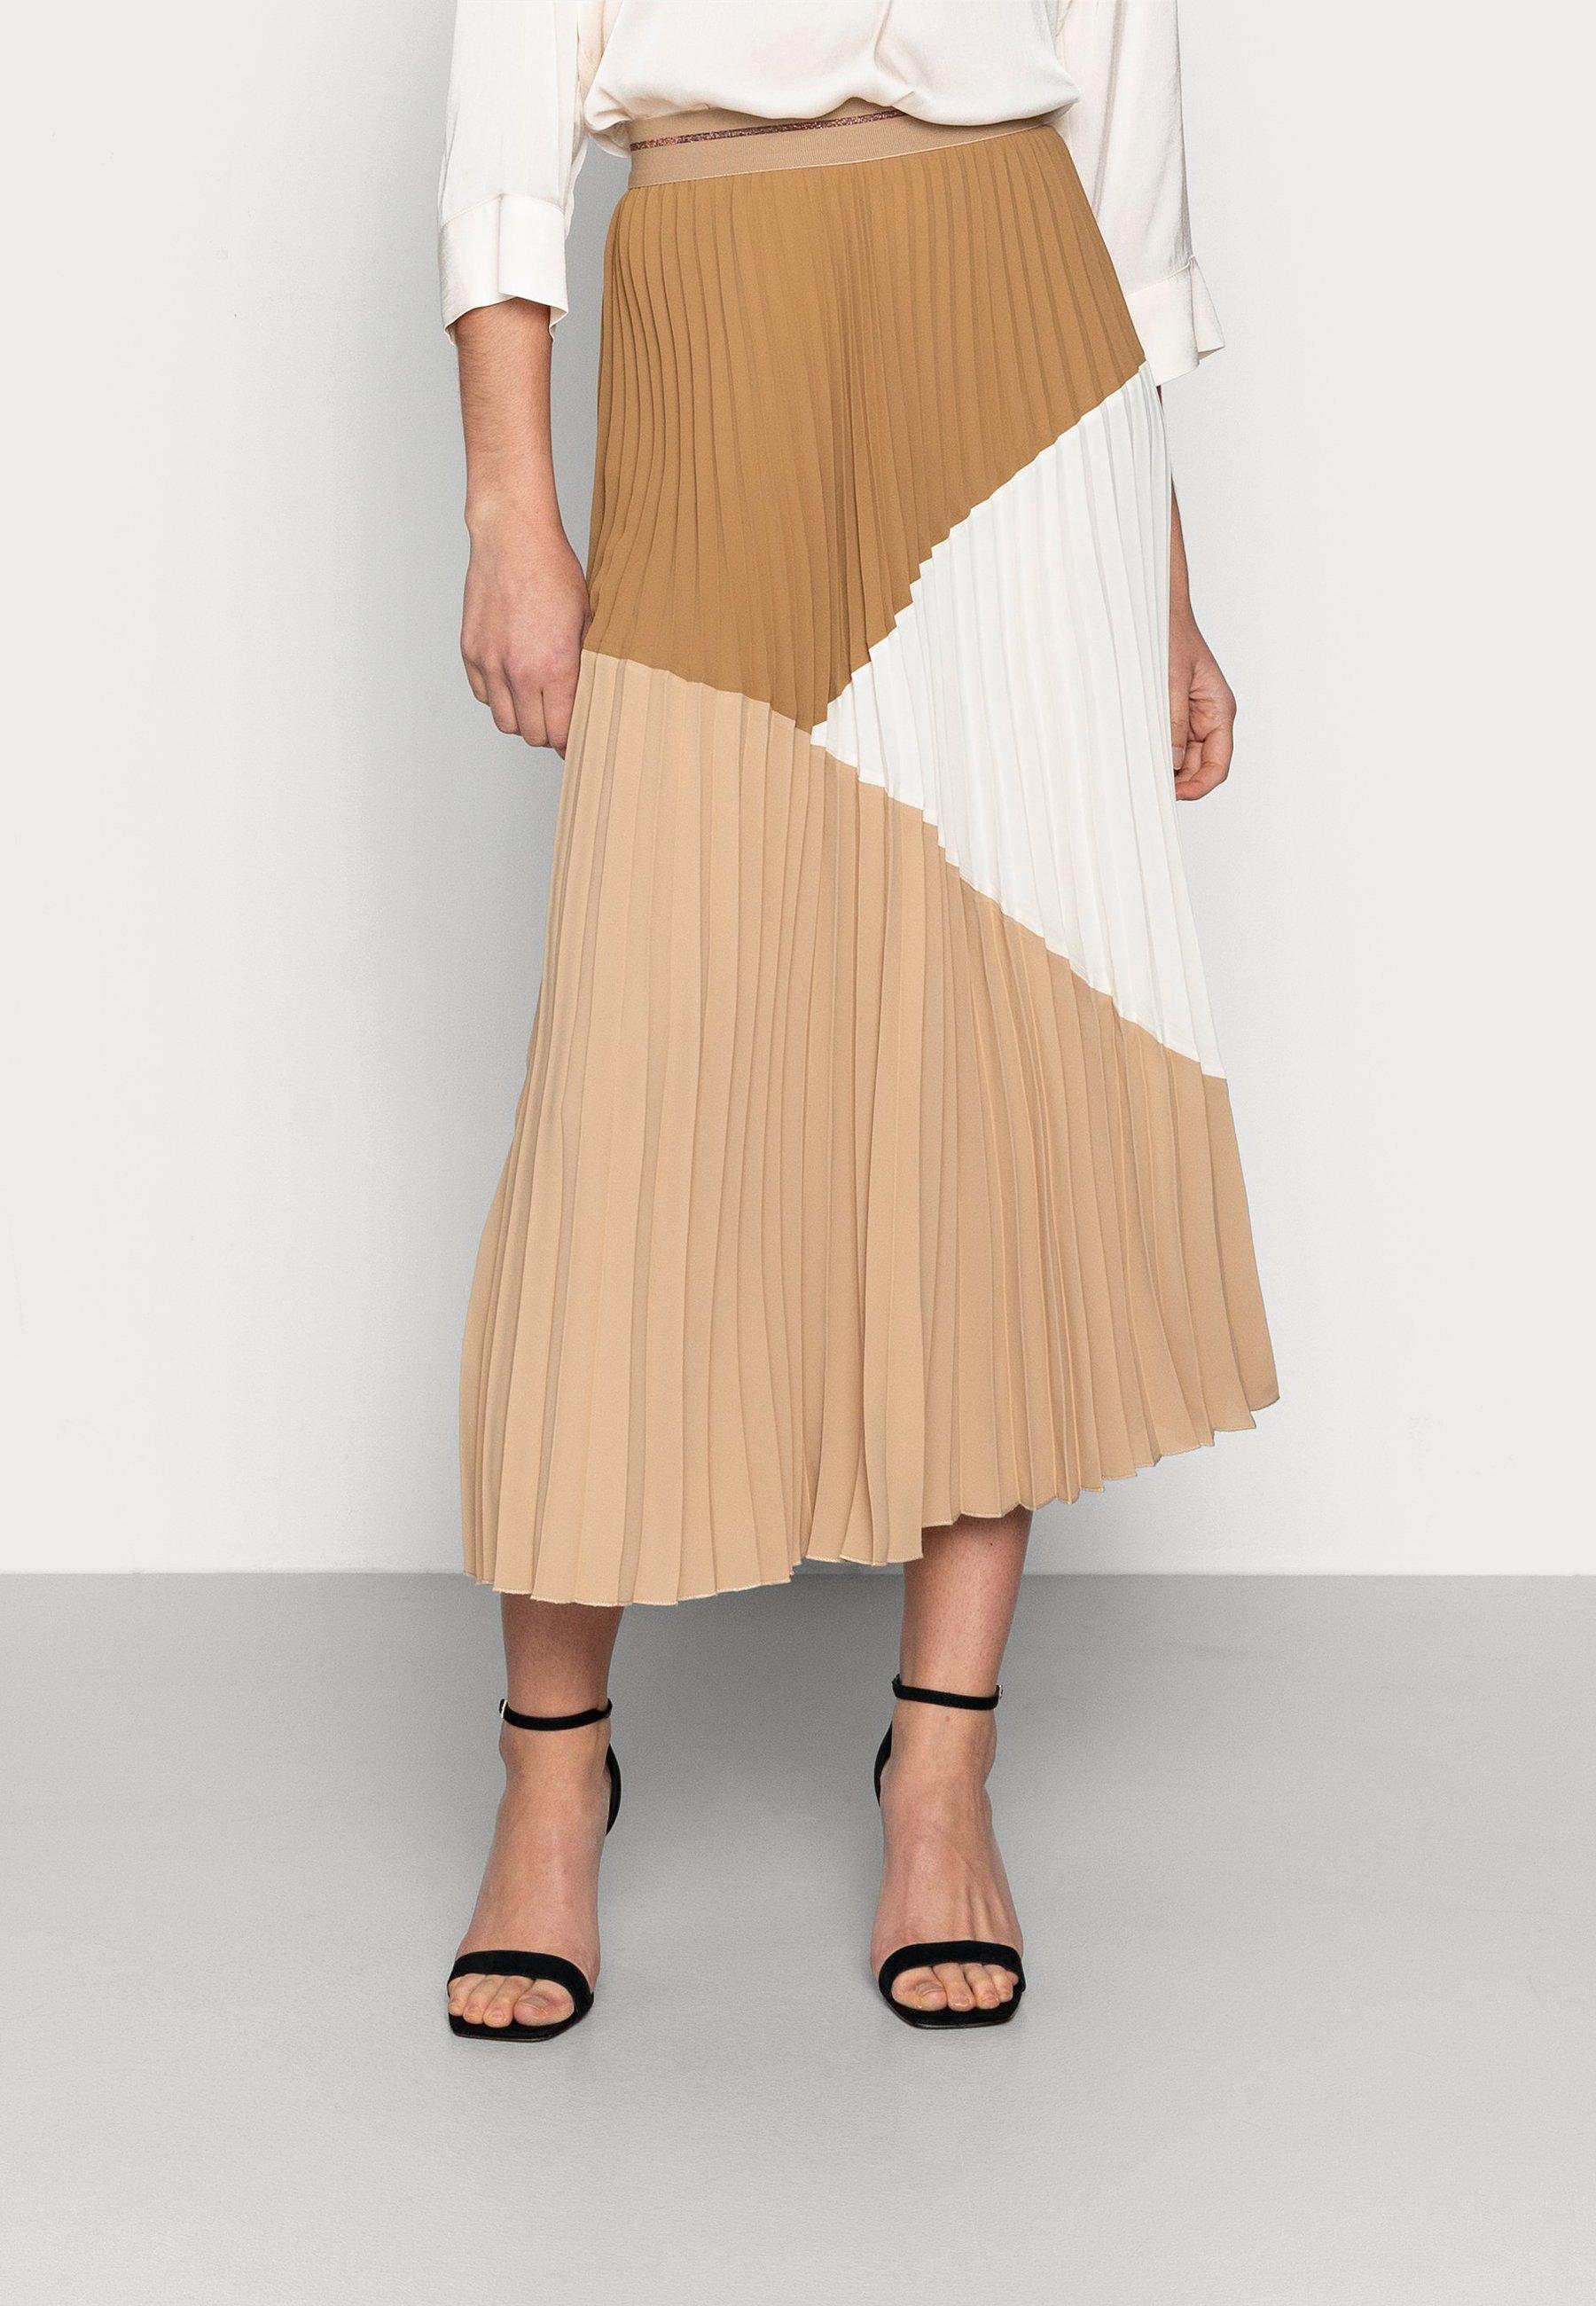 Femme MORELLA PLISSE SKIRT - Jupe plissée